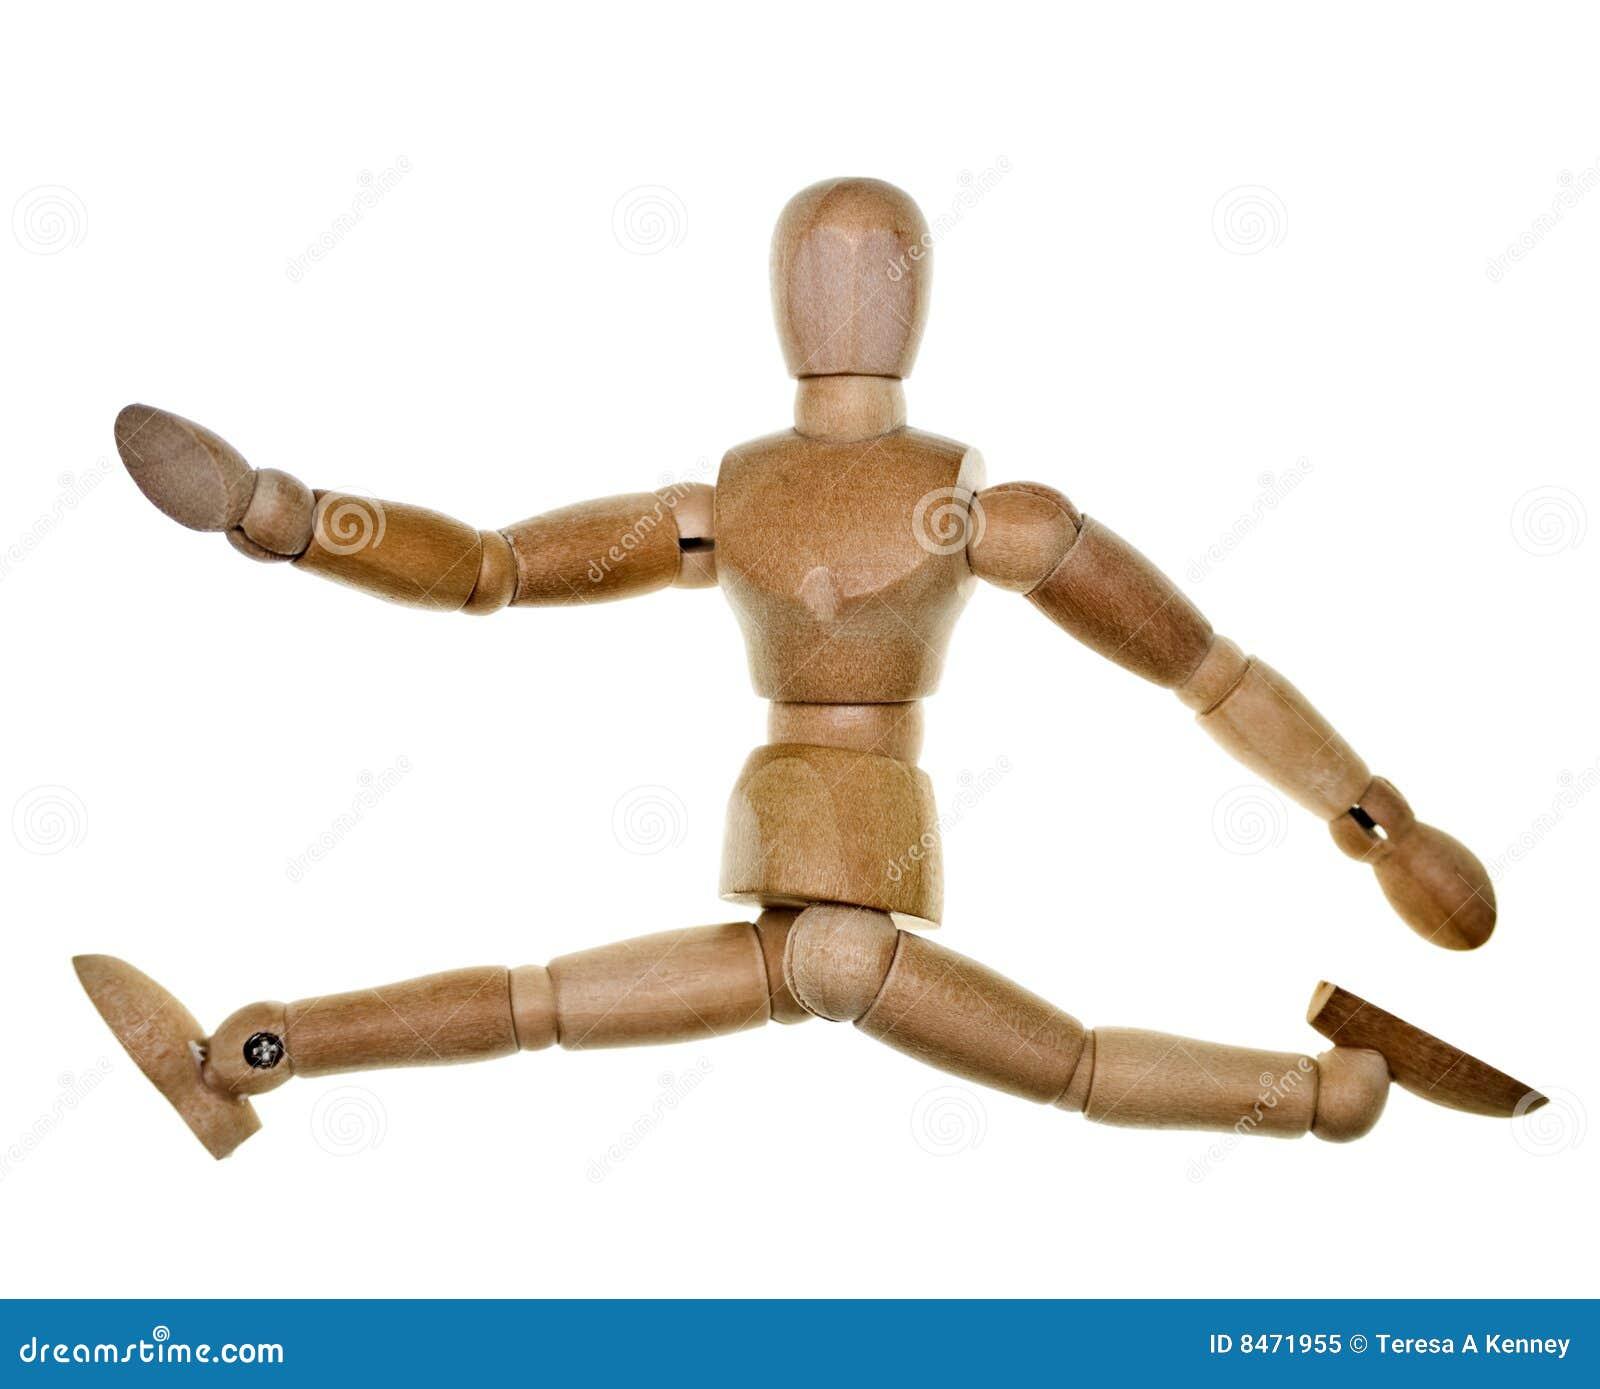 Mannequin de madeira levantado